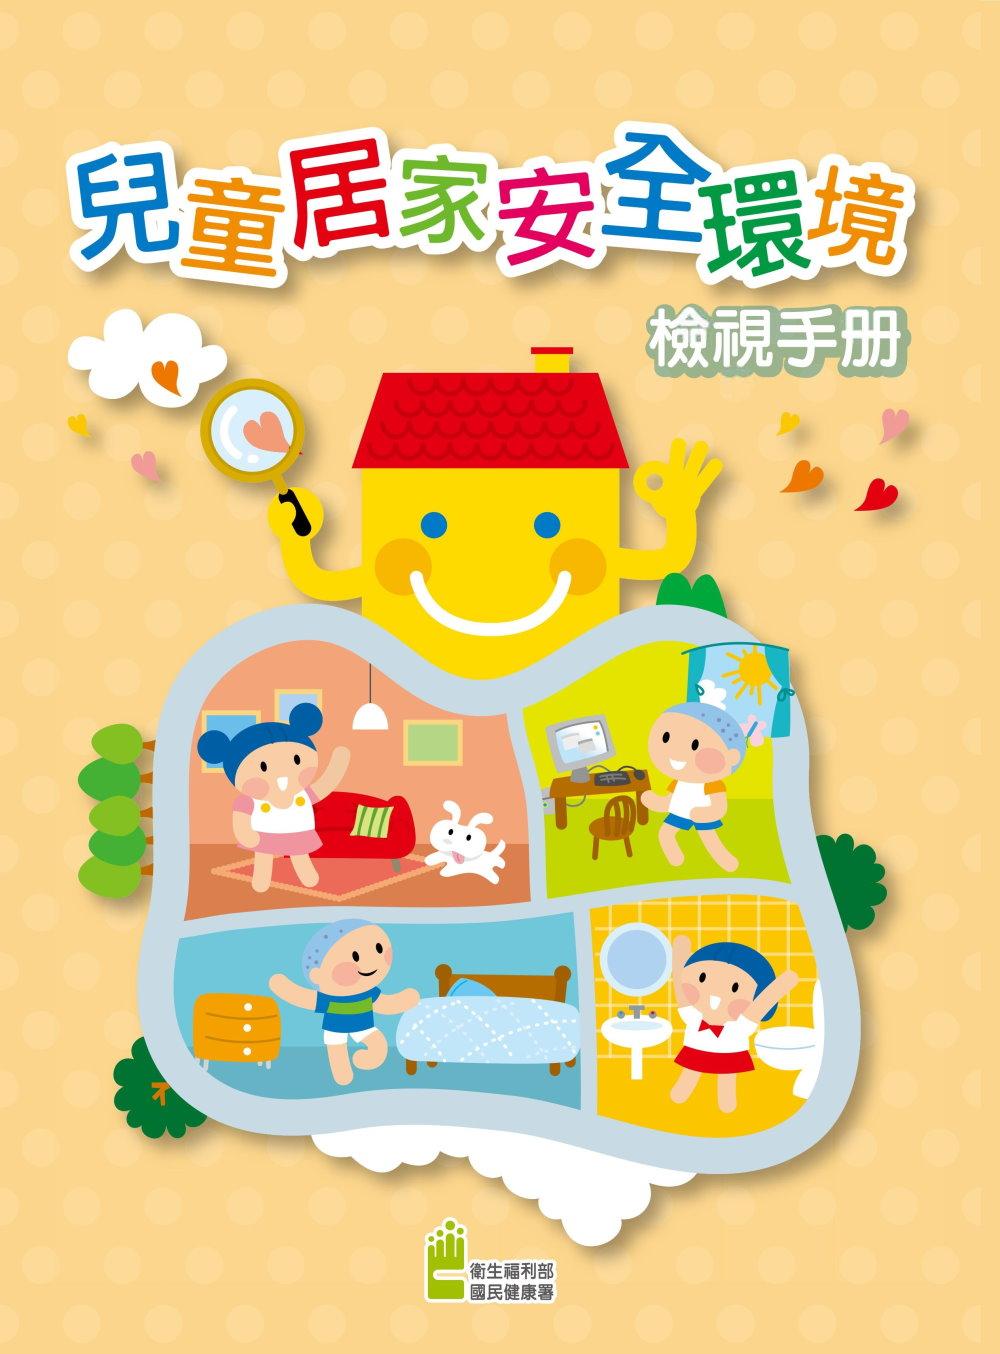 兒童居家安全環境檢視手冊